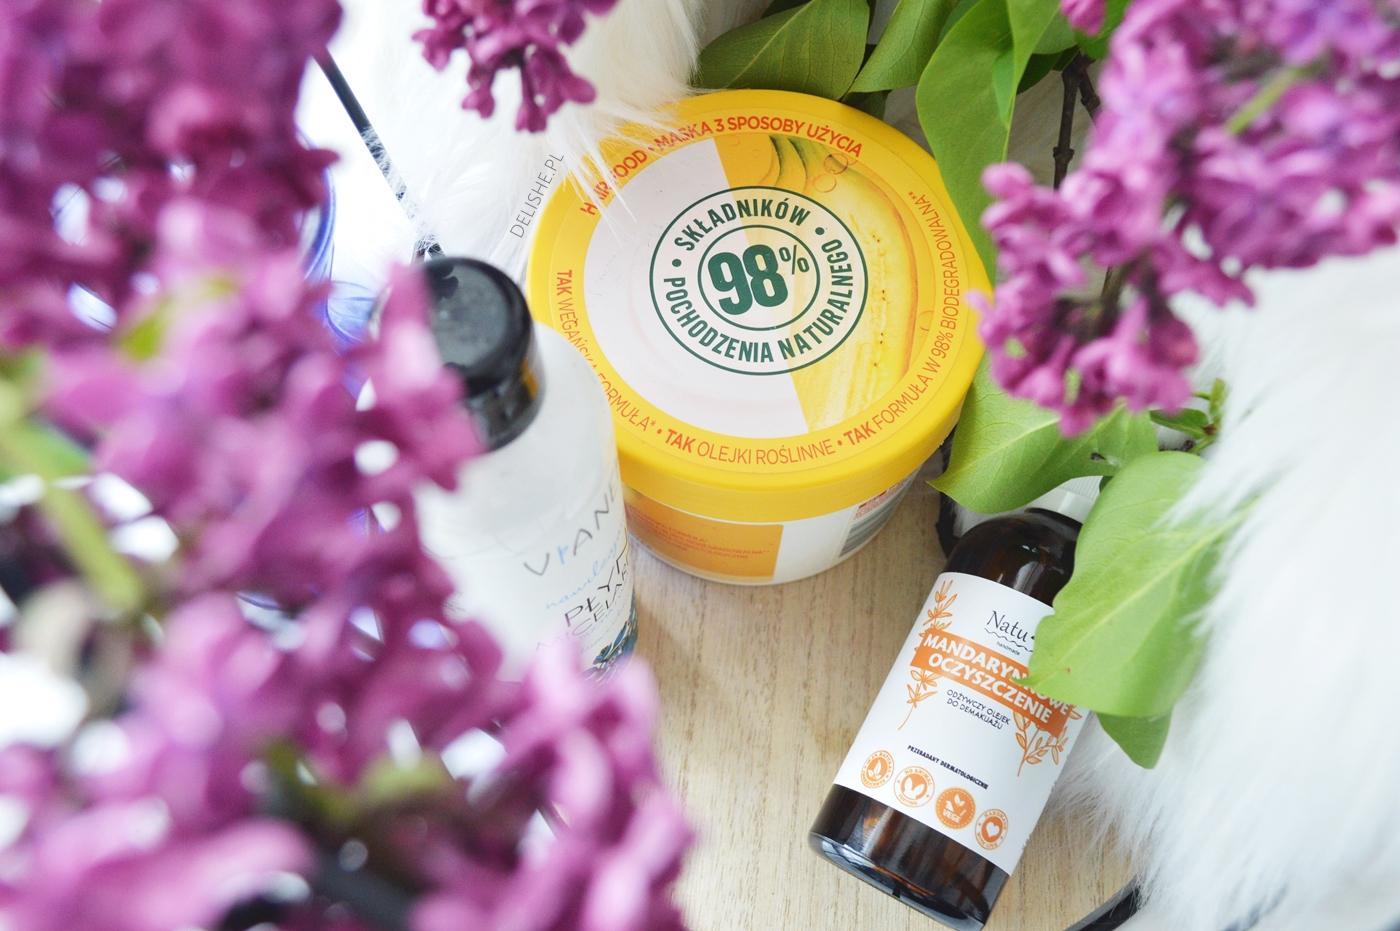 pewniaki kosmetyczne do pielęgnacji, co warto kupić